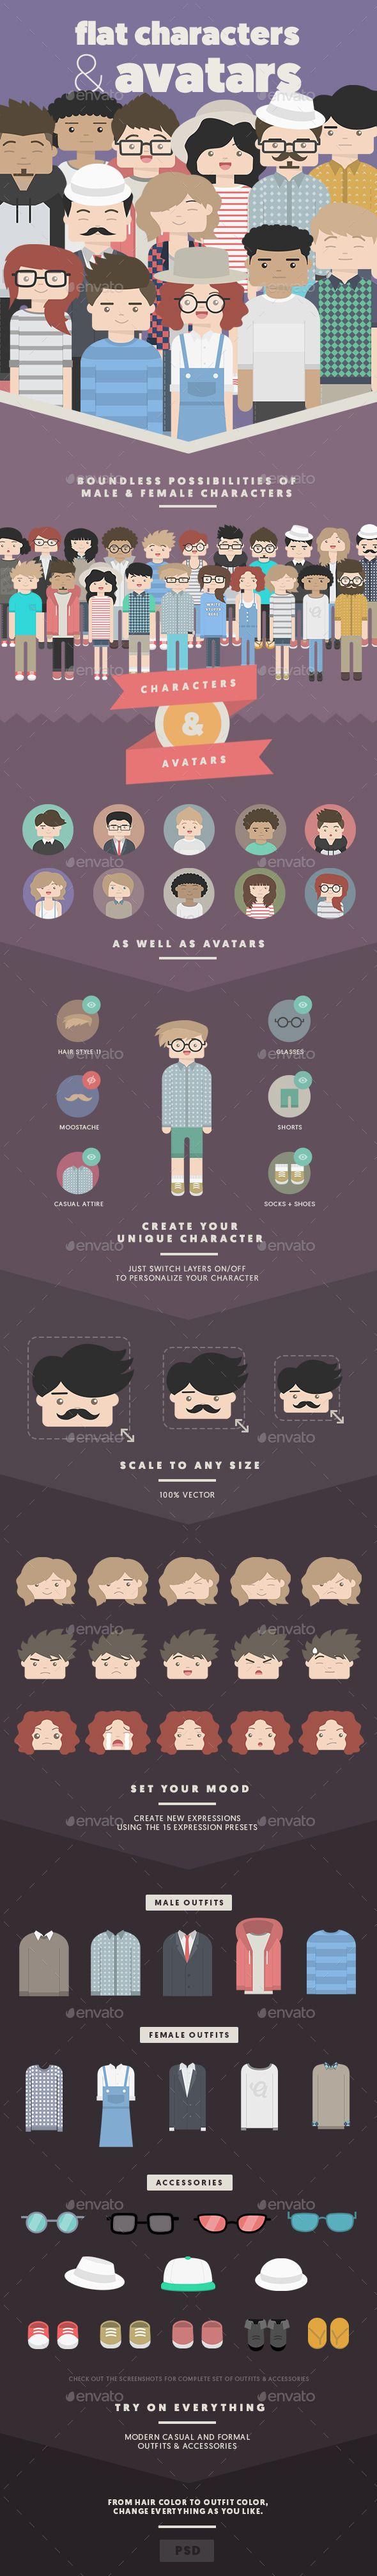 Flat Characters & Avatars - People Illustrations